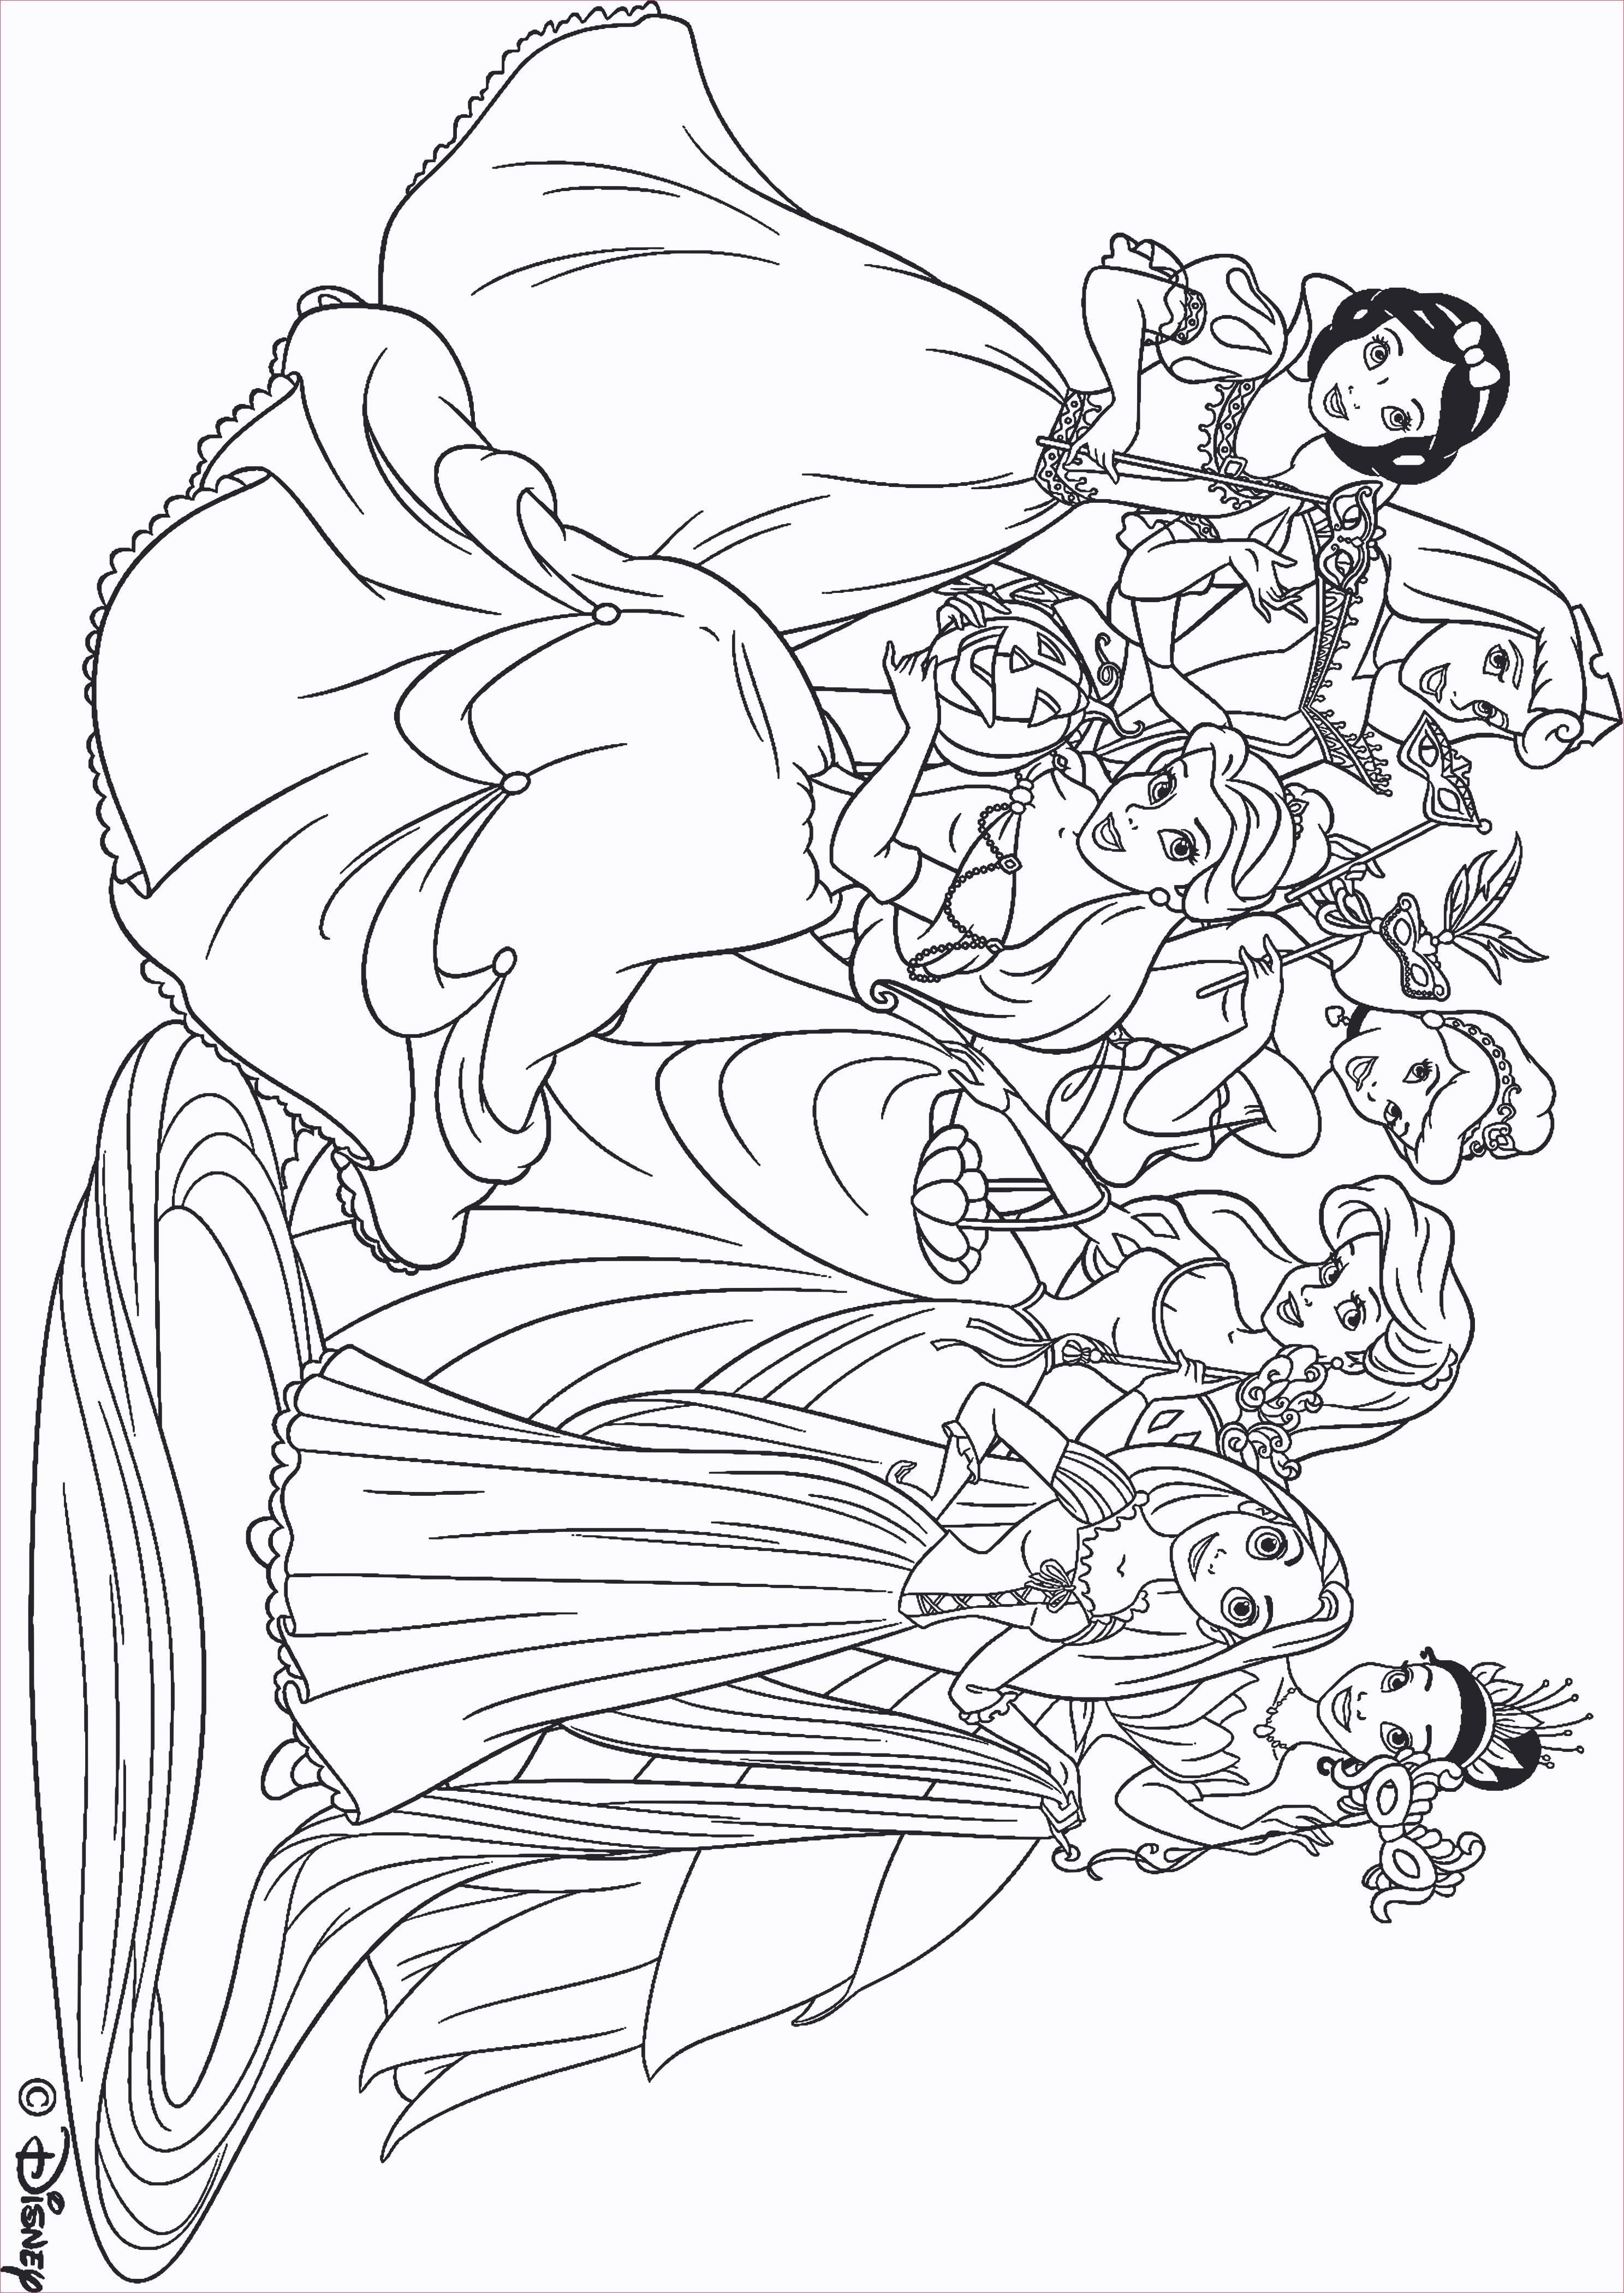 Laterne Ausmalbild St. Martin Frisch St Martin Ausmalbilder Model Designs 37 Disney Ausmalbilder Zum Galerie